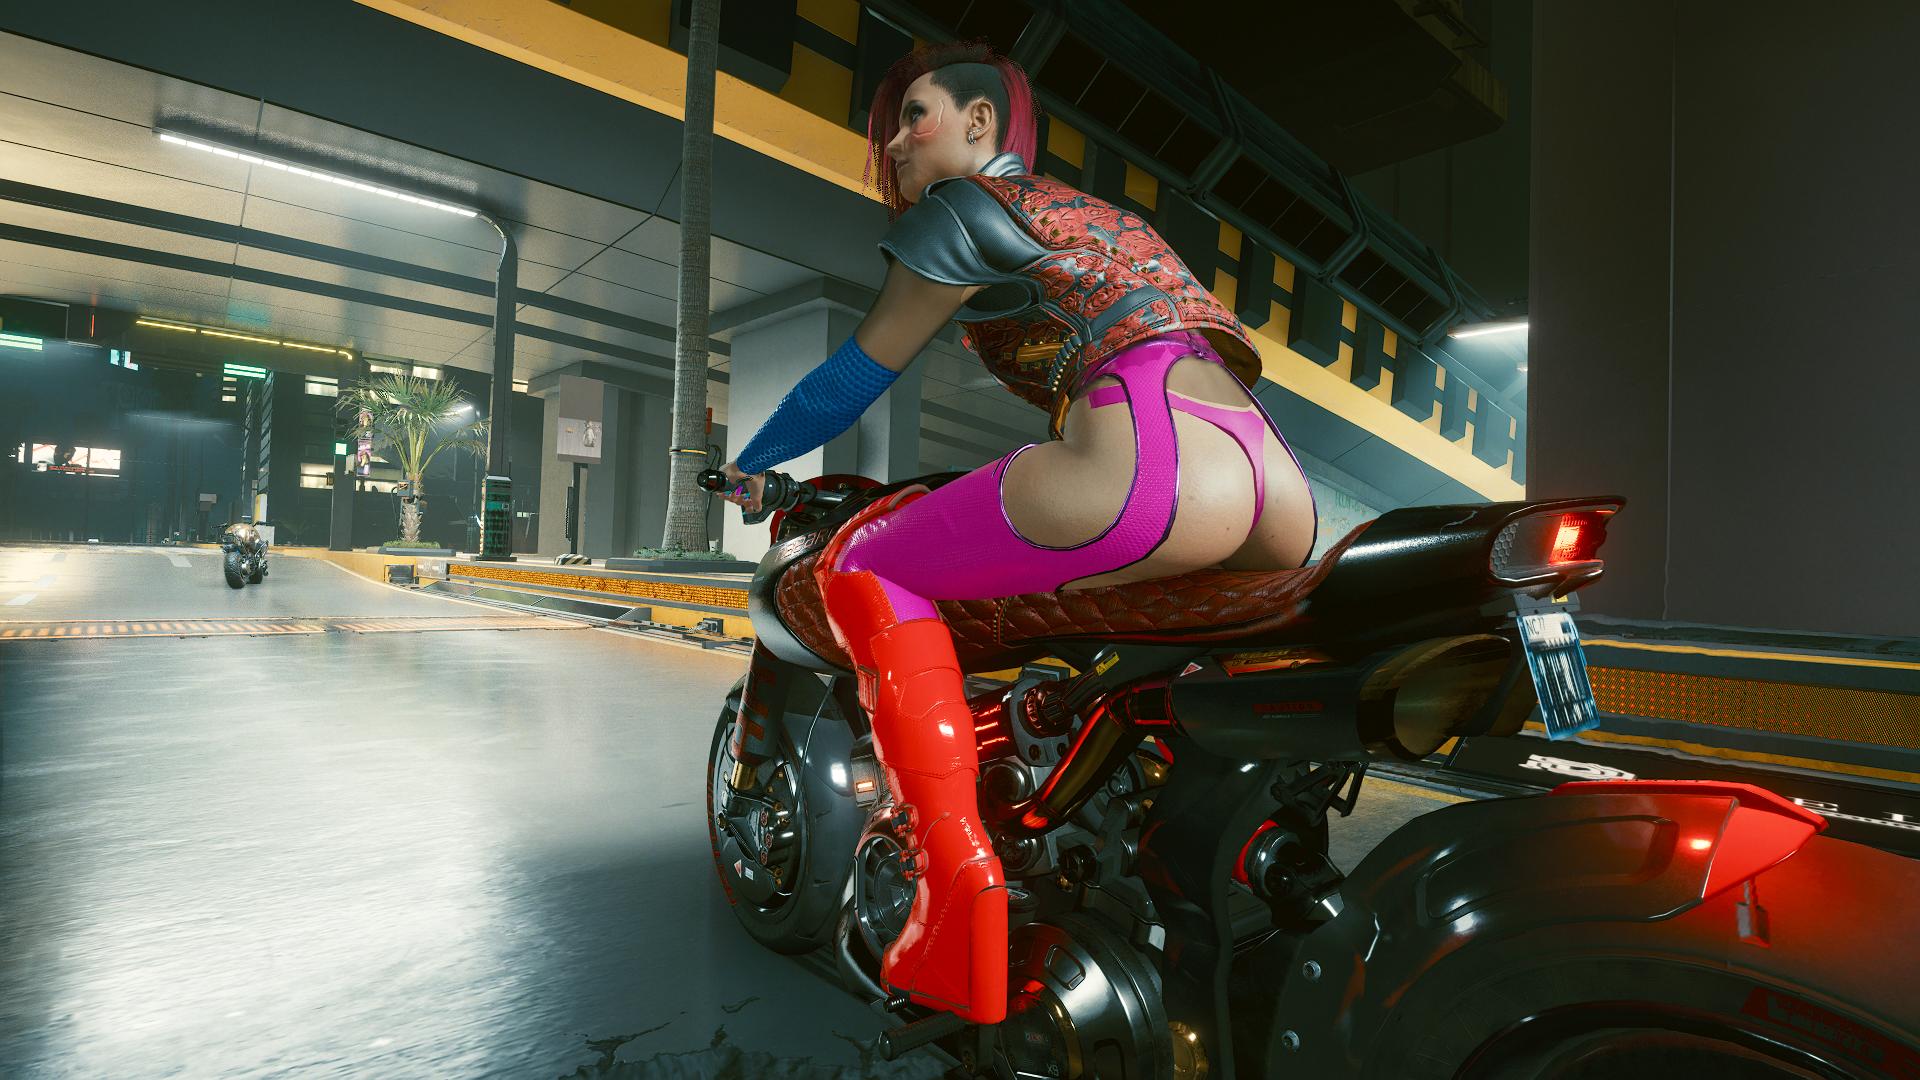 Ви катается на мотоцикле по ночному городу.